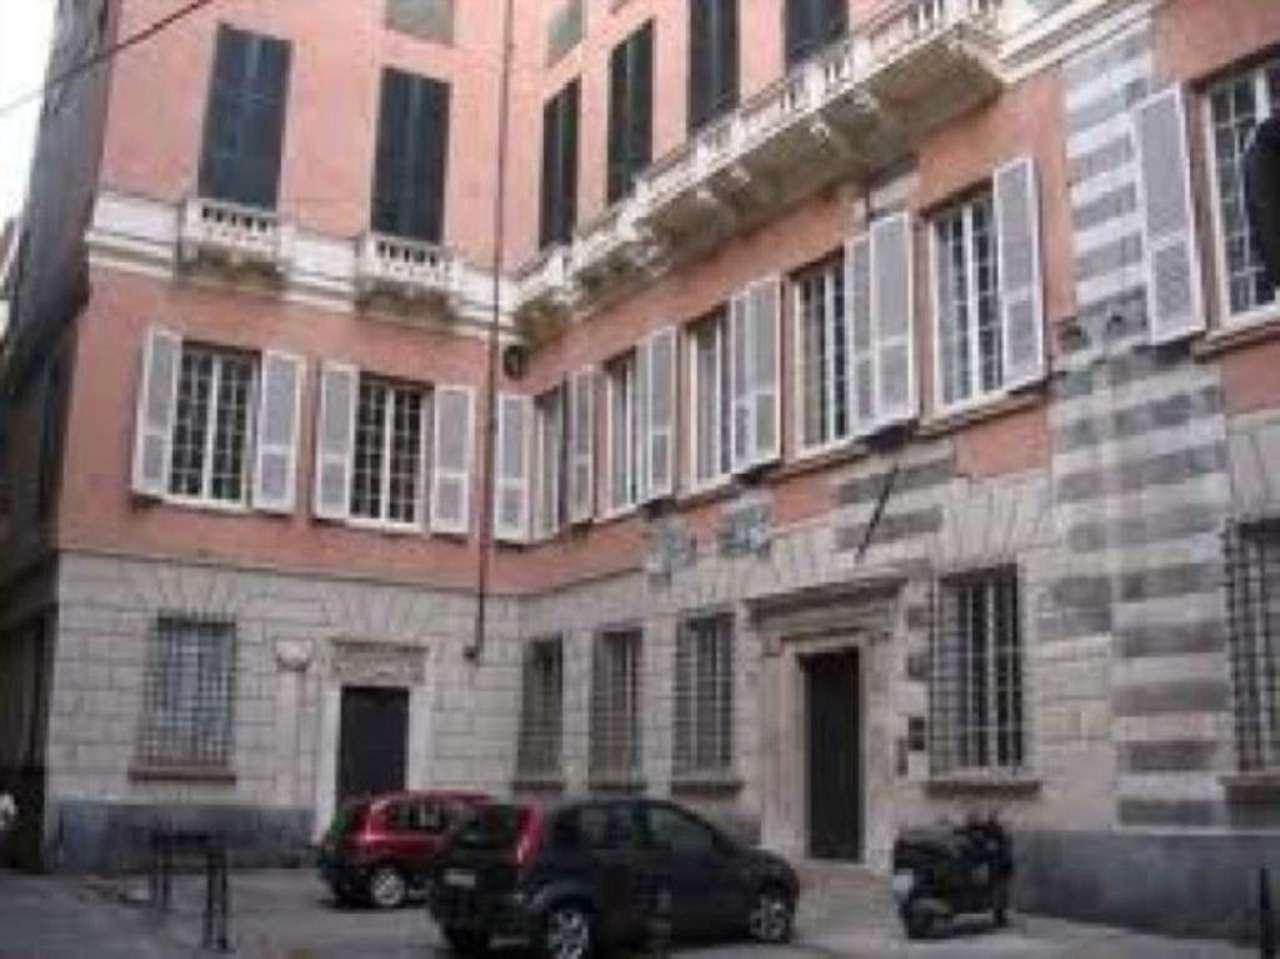 Ufficio-studio in Affitto a Genova: 5 locali, 150 mq